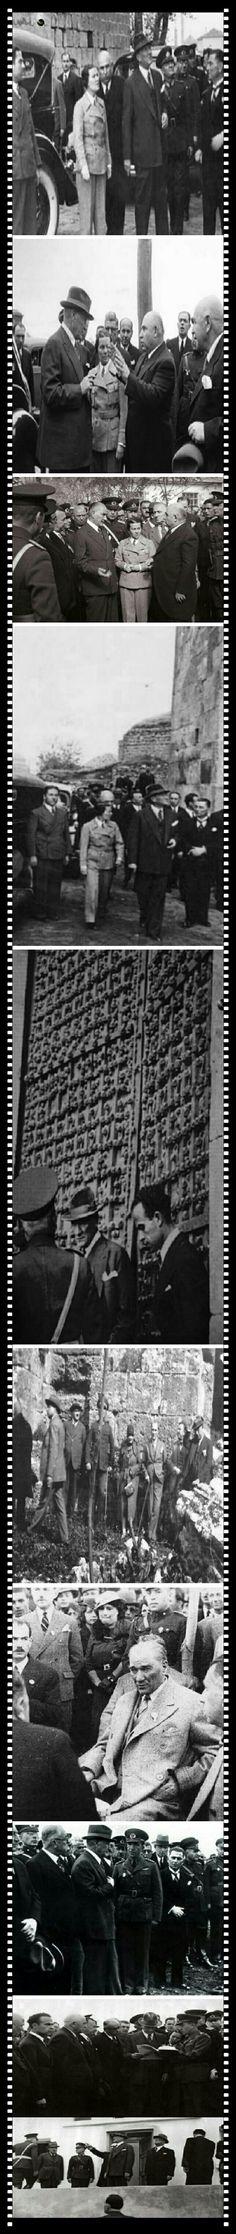 20yıl sonra Cumhurbaşkanımız olarak Güneydoğu illerini dolaşmak üzere seyahate çıkan Ata'mız, 15.11.1937 günü Diyarbakır'a gelmişler.